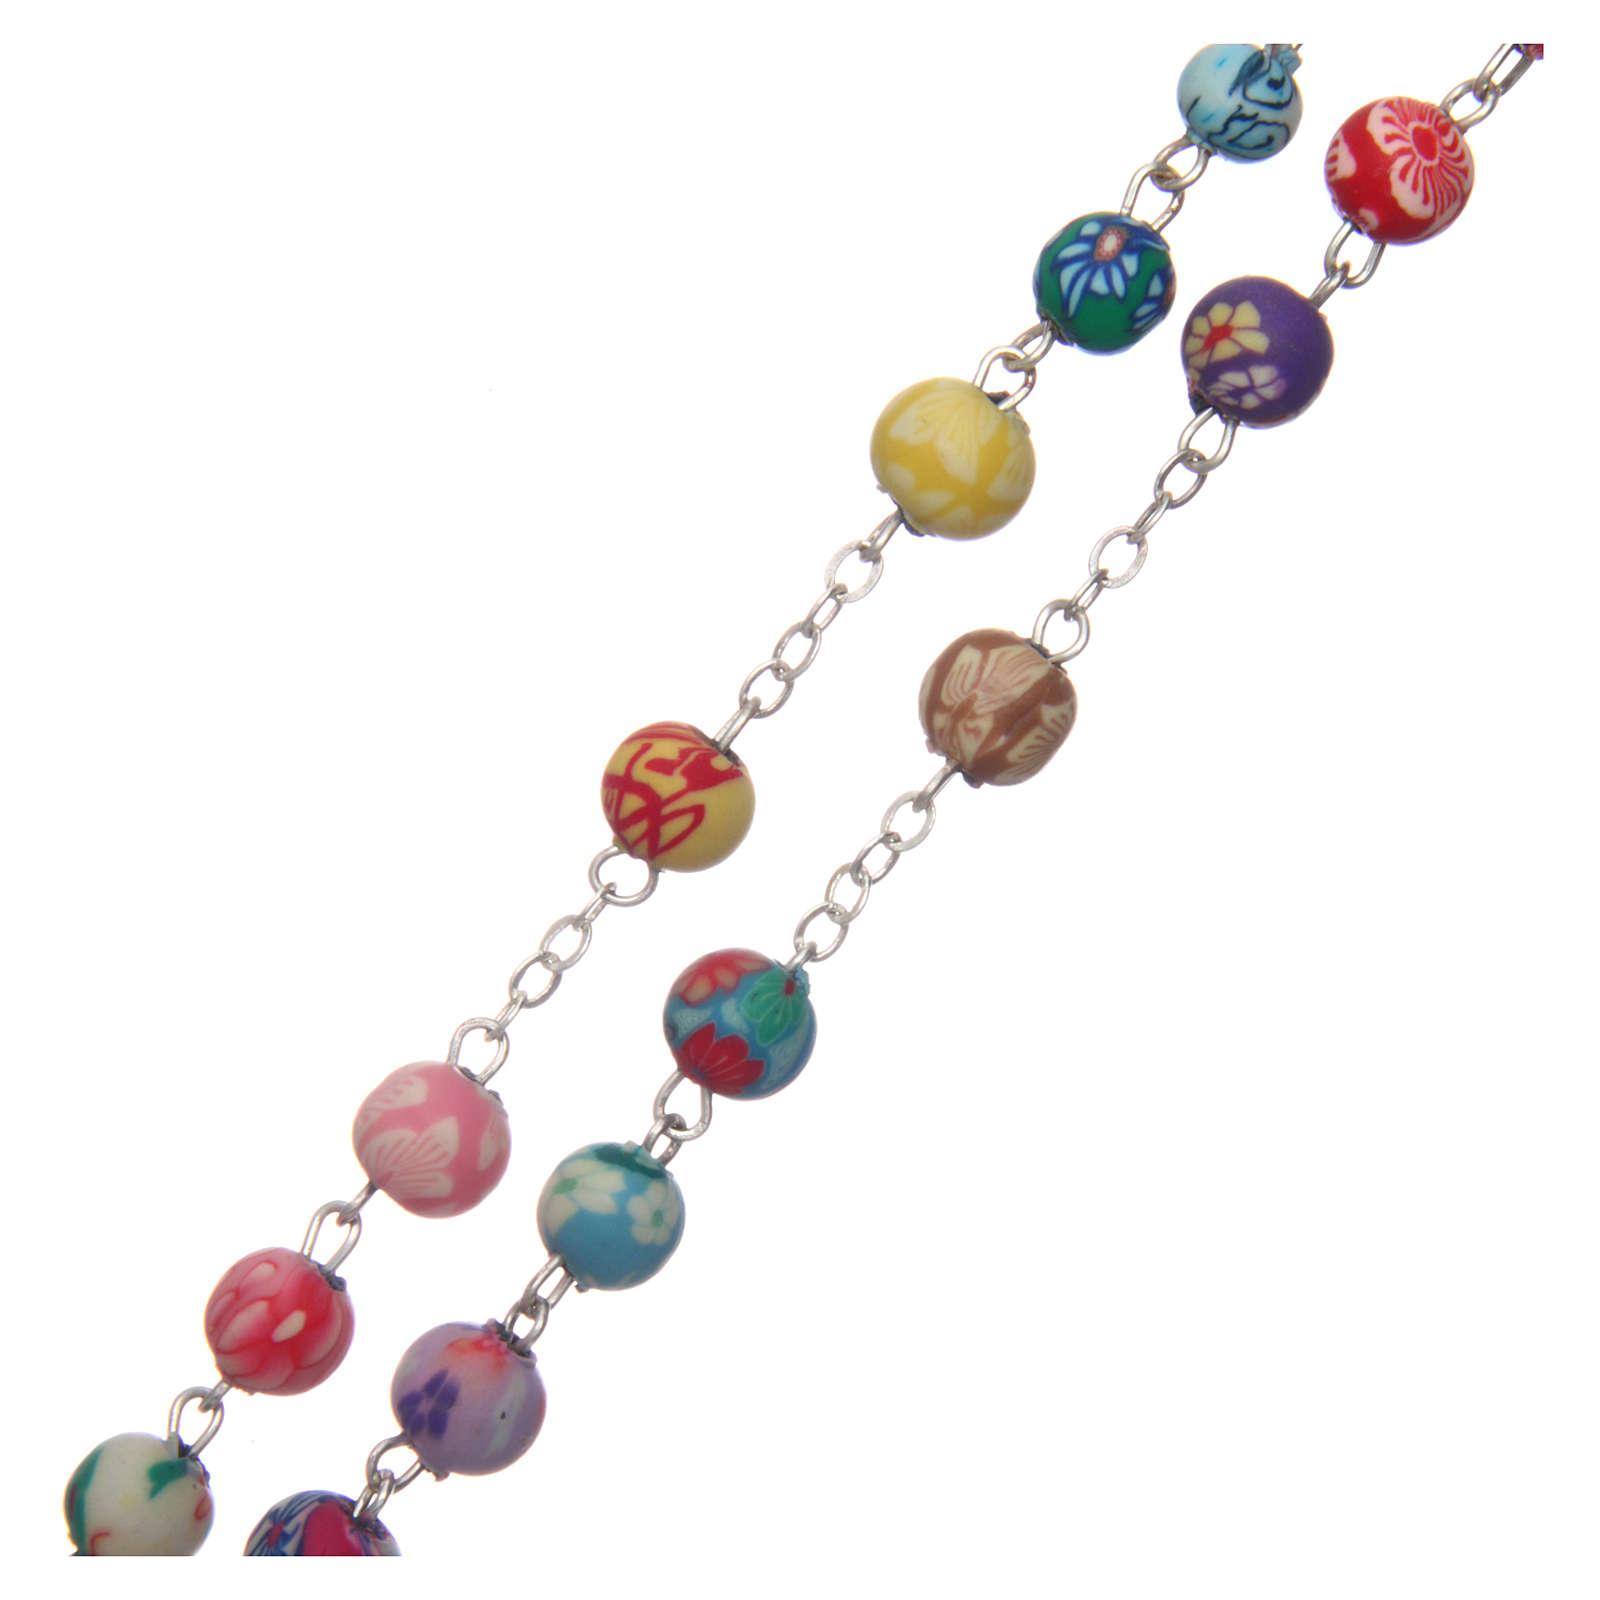 Chapelet en fimo multicolore rond 6 mm 4